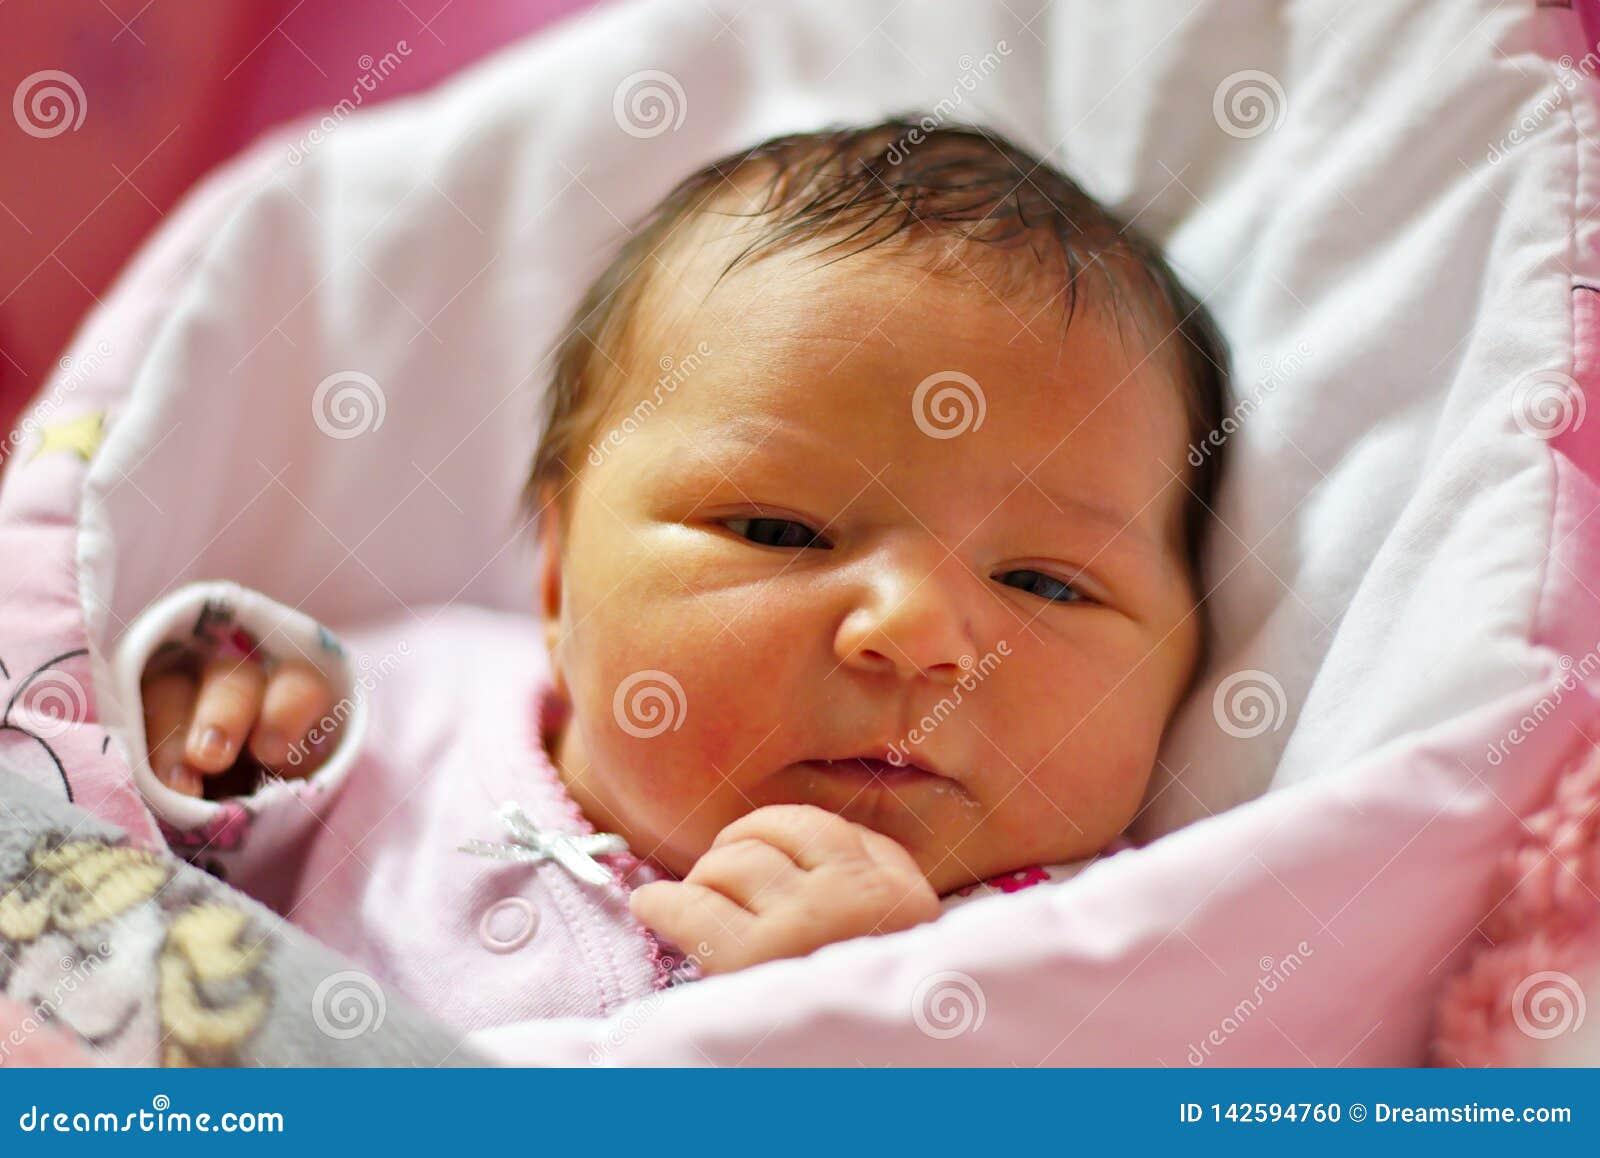 Joli bébé nouveau-né de cheveux noirs